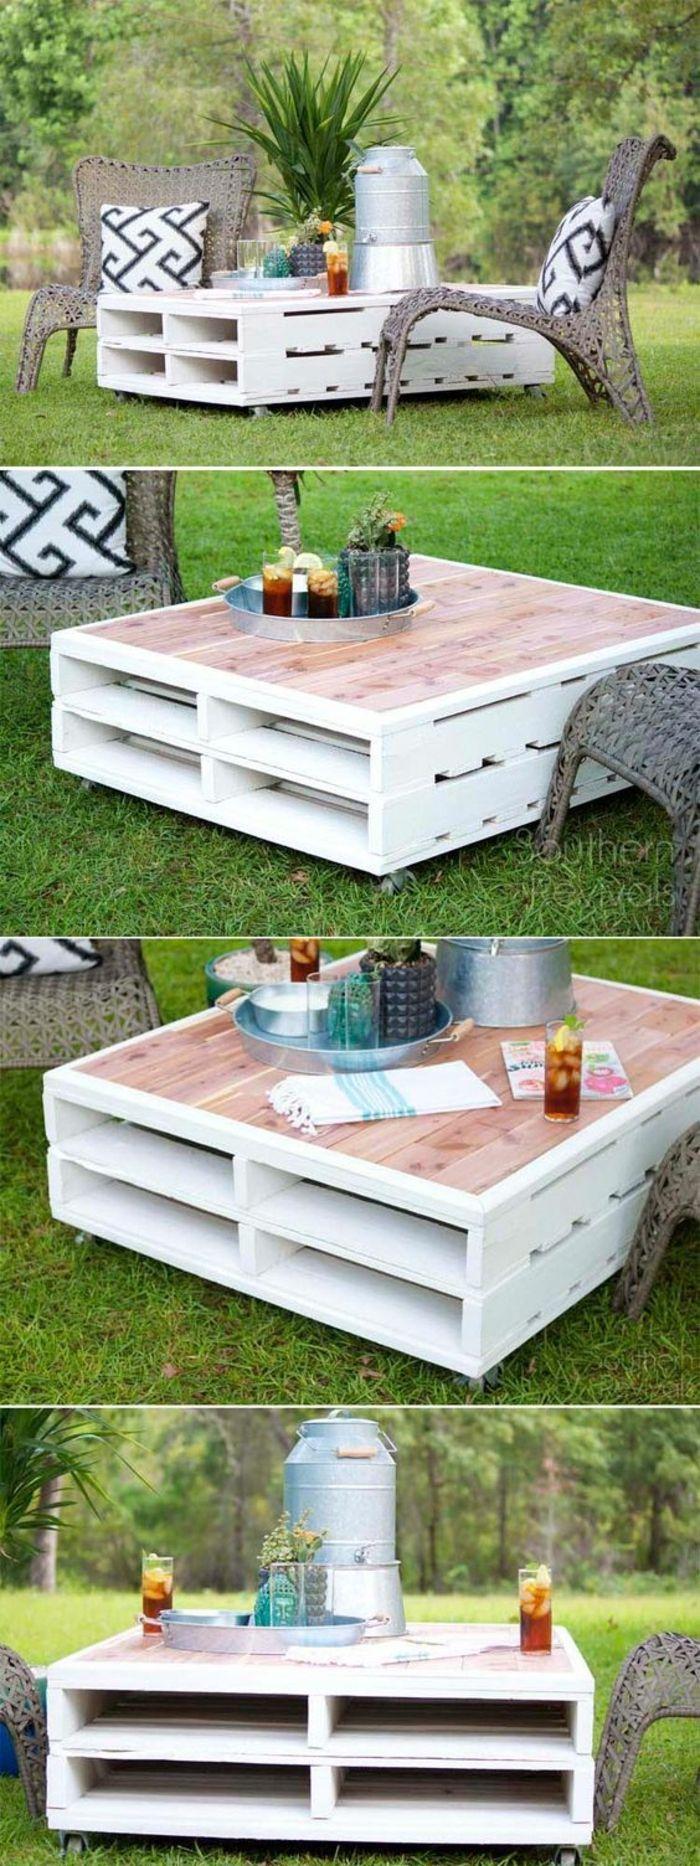 muebles-con-cajas-de-fruta-mesa-palets-blanco-rosa-jardin-sillas-rattan